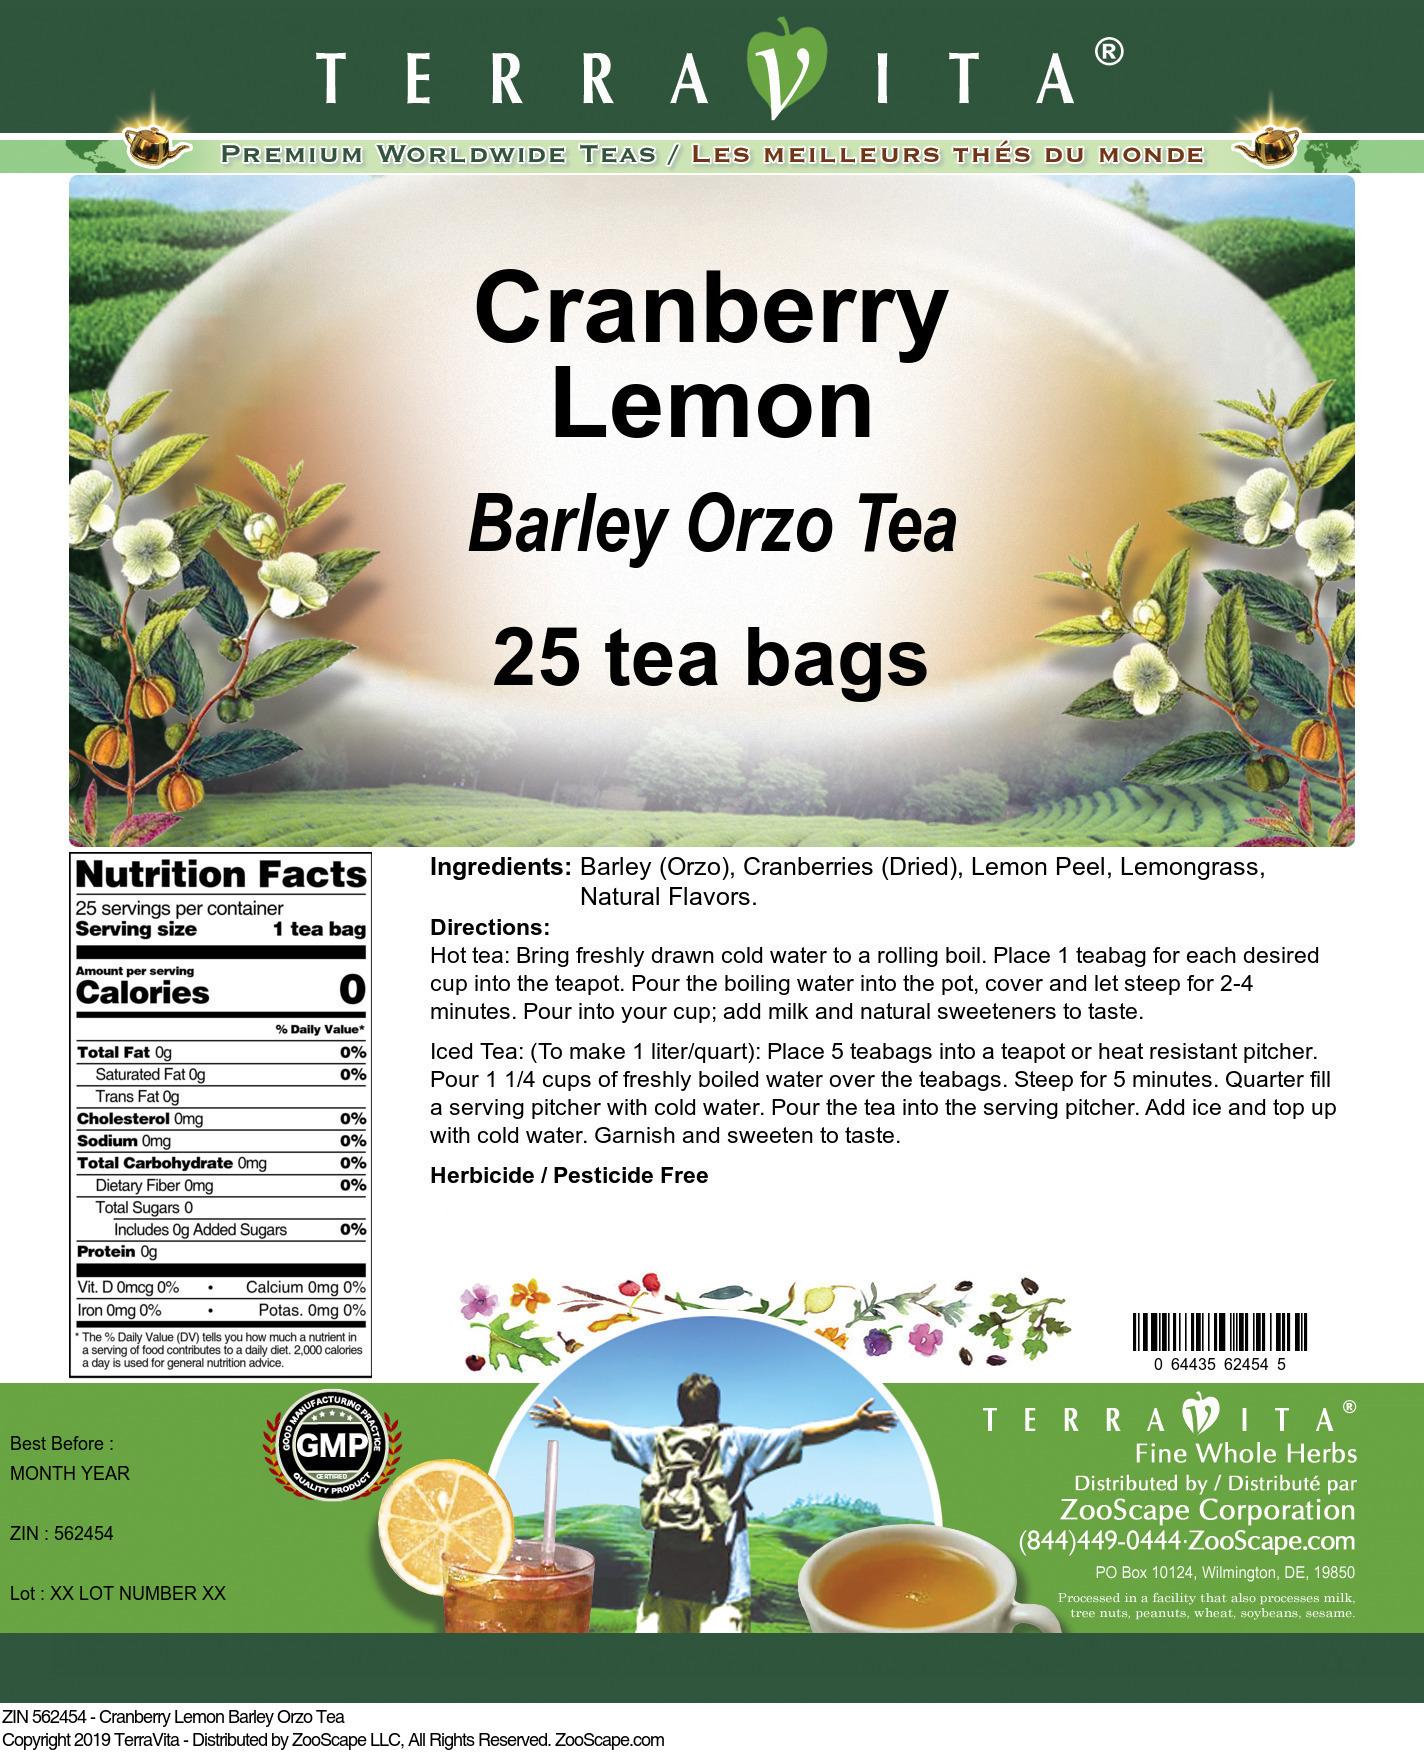 Cranberry Lemon Barley Orzo